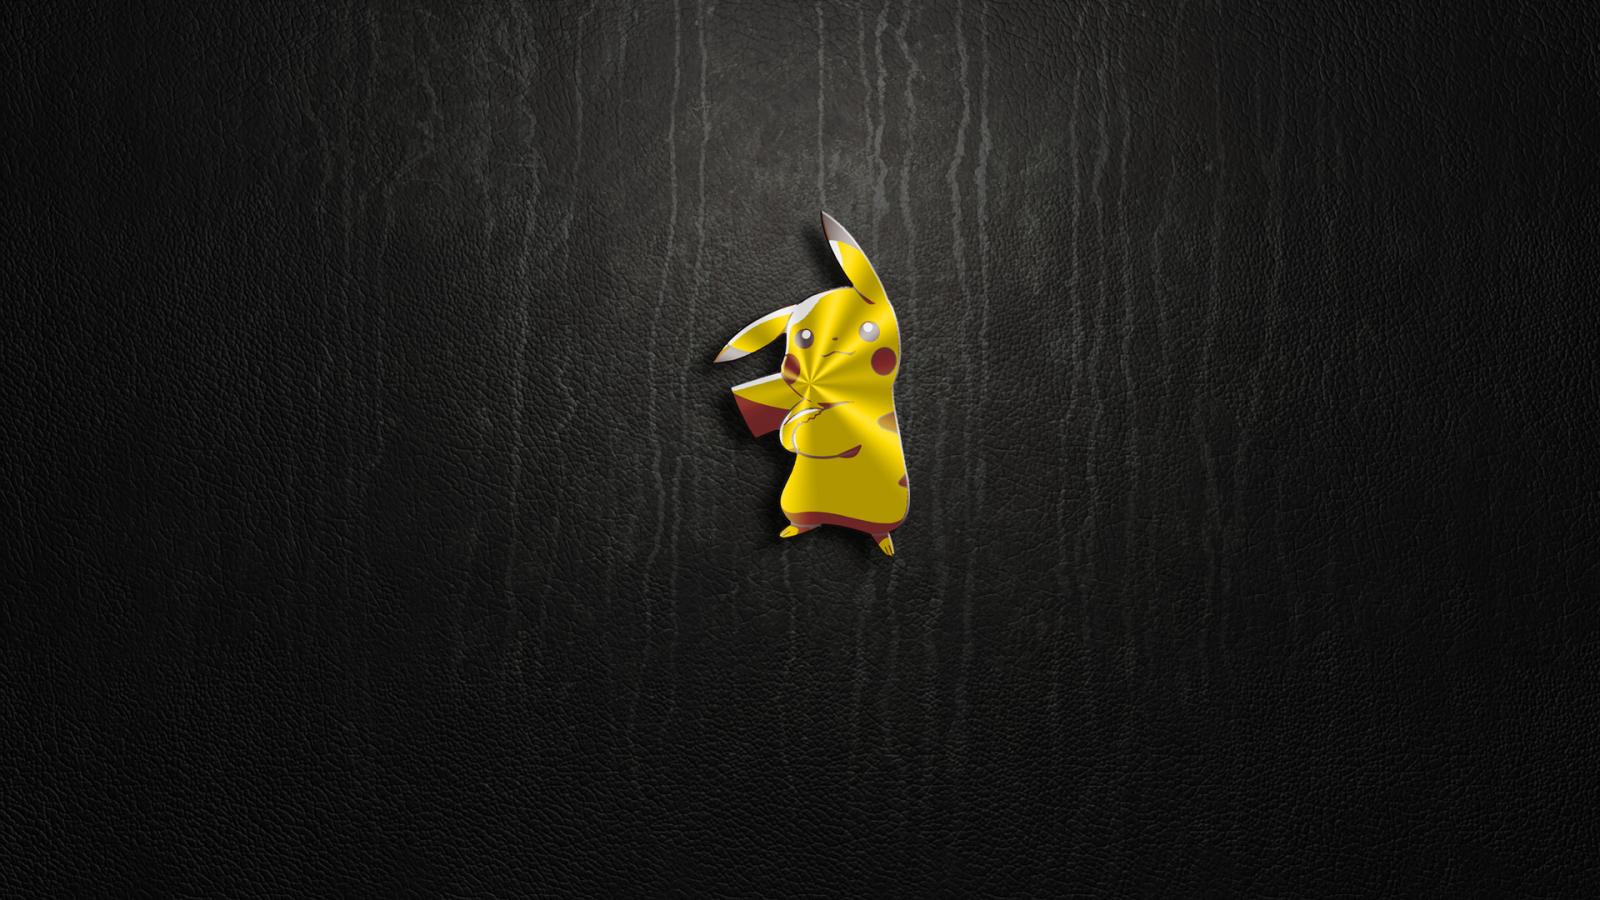 fond d 39 cran blanc noir logo jaune pok mon pikachu lumi re couleur obscurit nombre. Black Bedroom Furniture Sets. Home Design Ideas